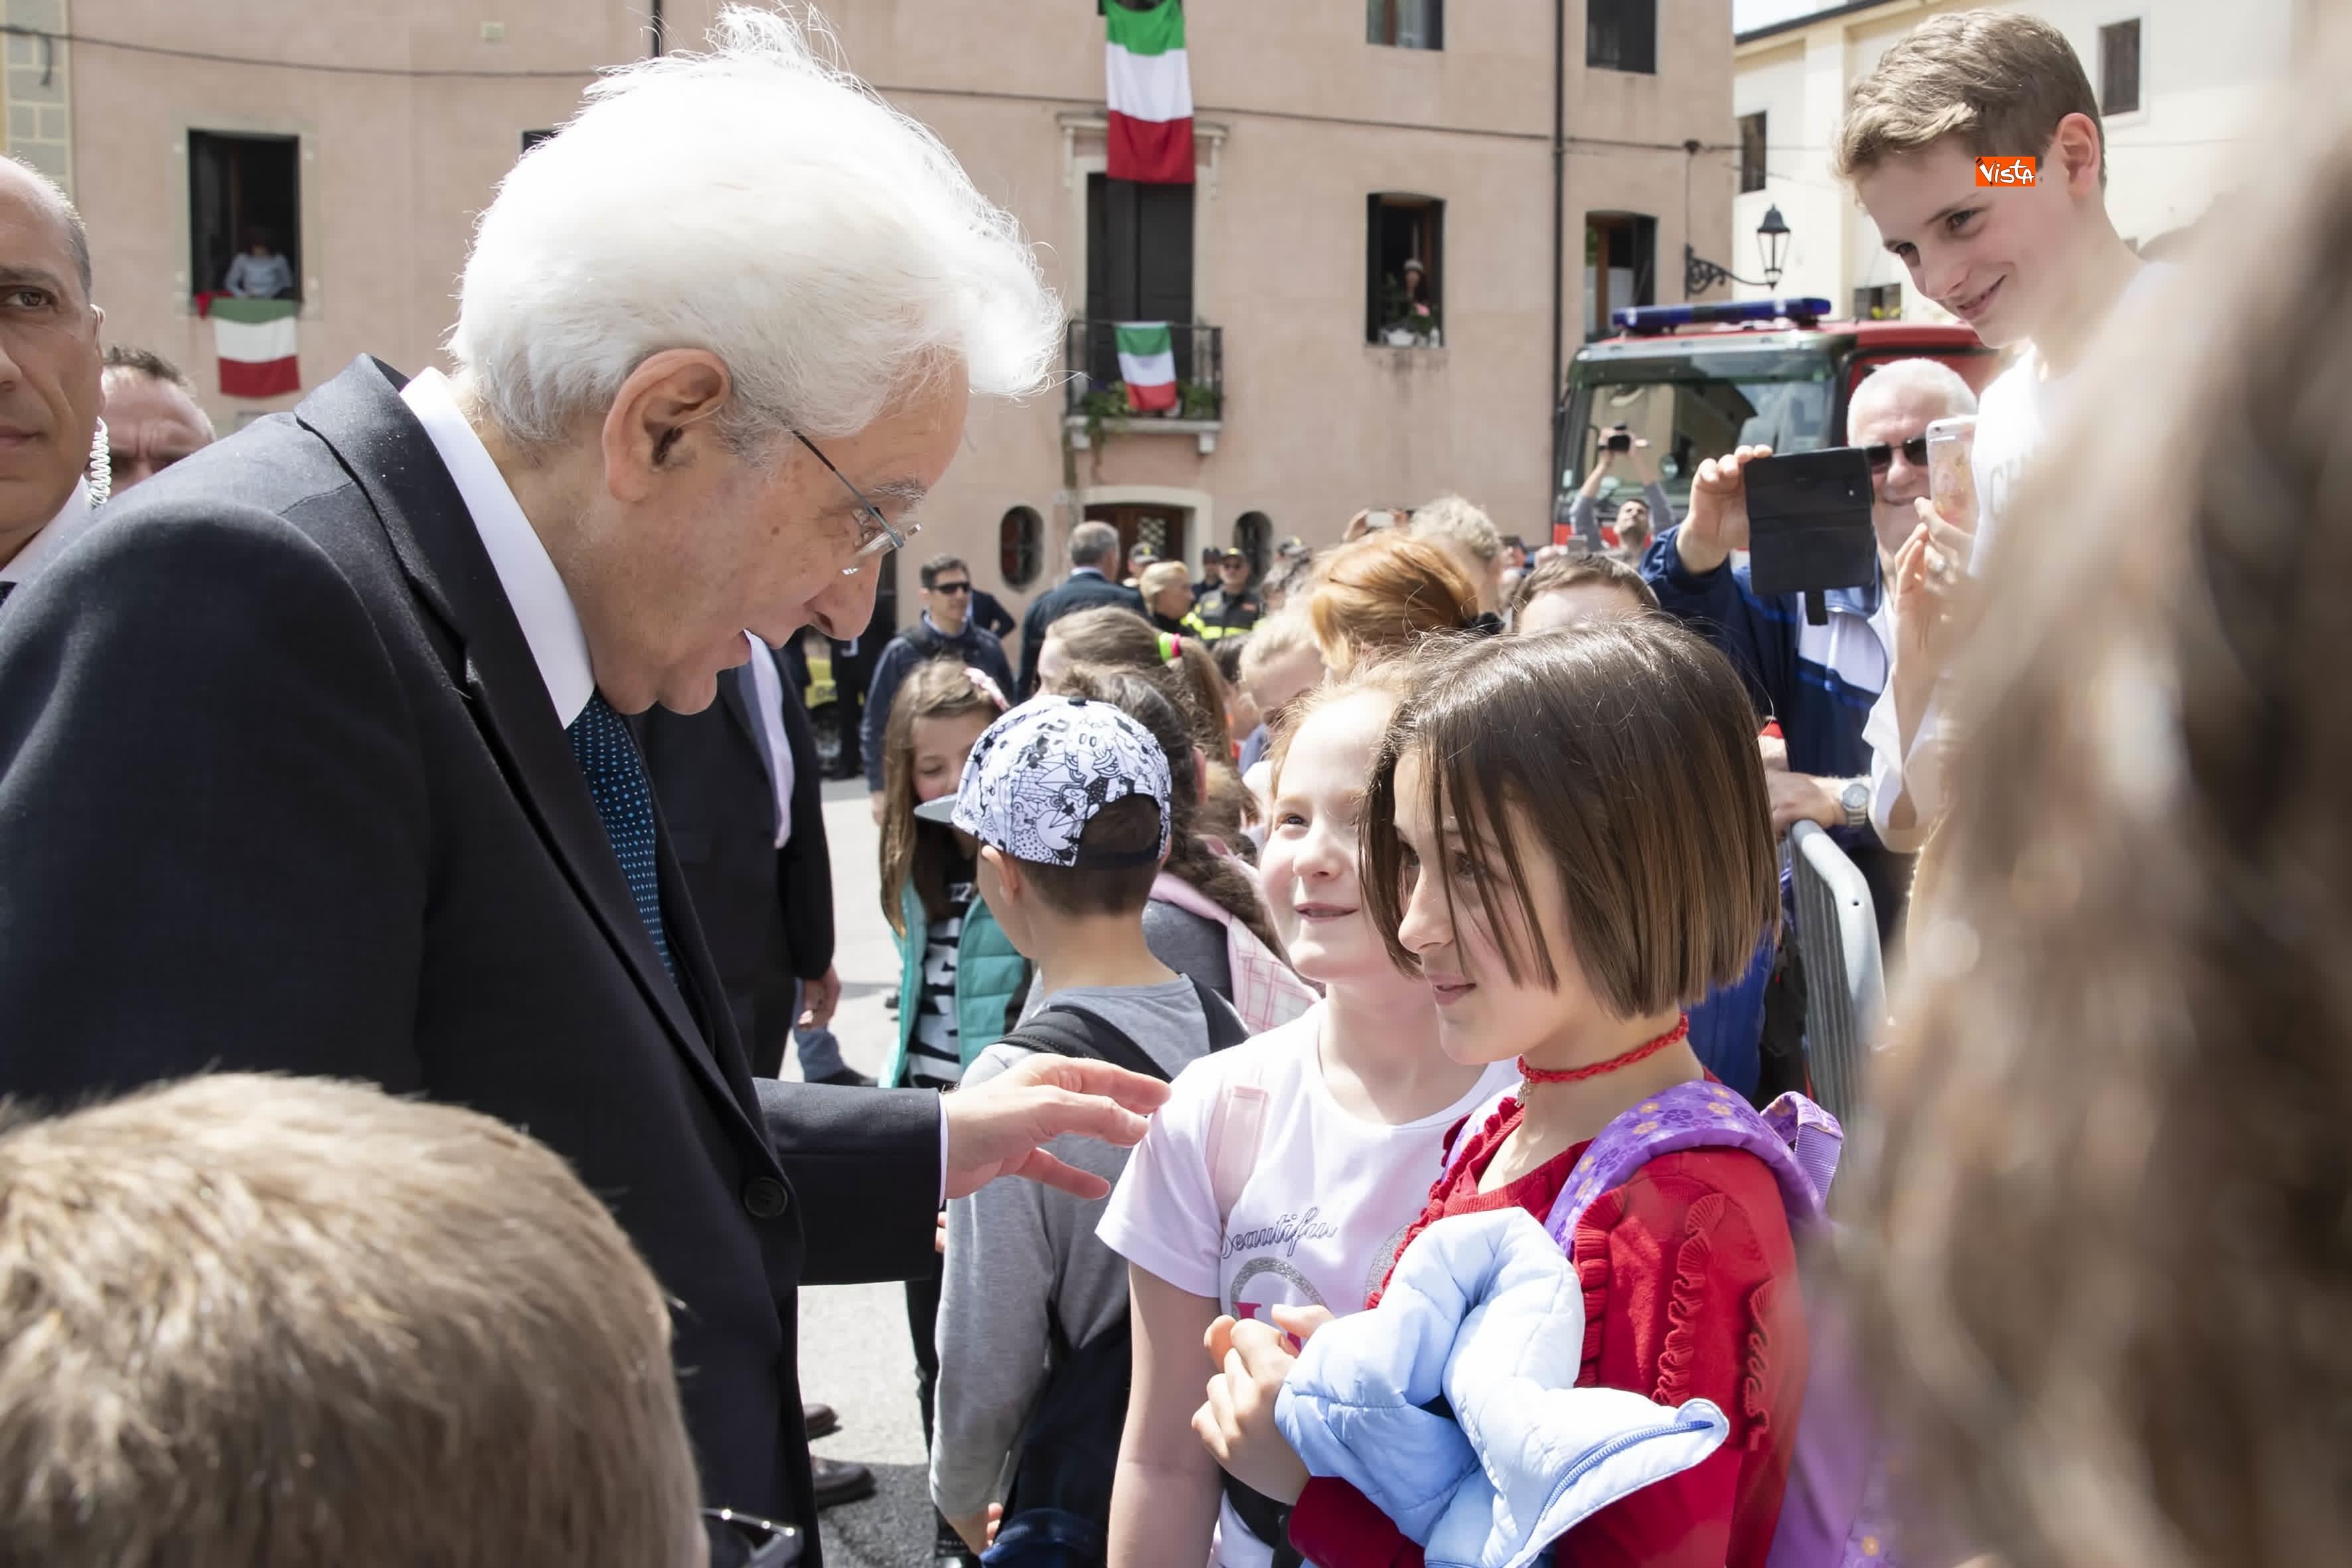 25-04-19 25 Aprile, Mattarella alla Cerimonia in occasione del 74 Anniversario della Liberazione a Vittorio Veneto_19